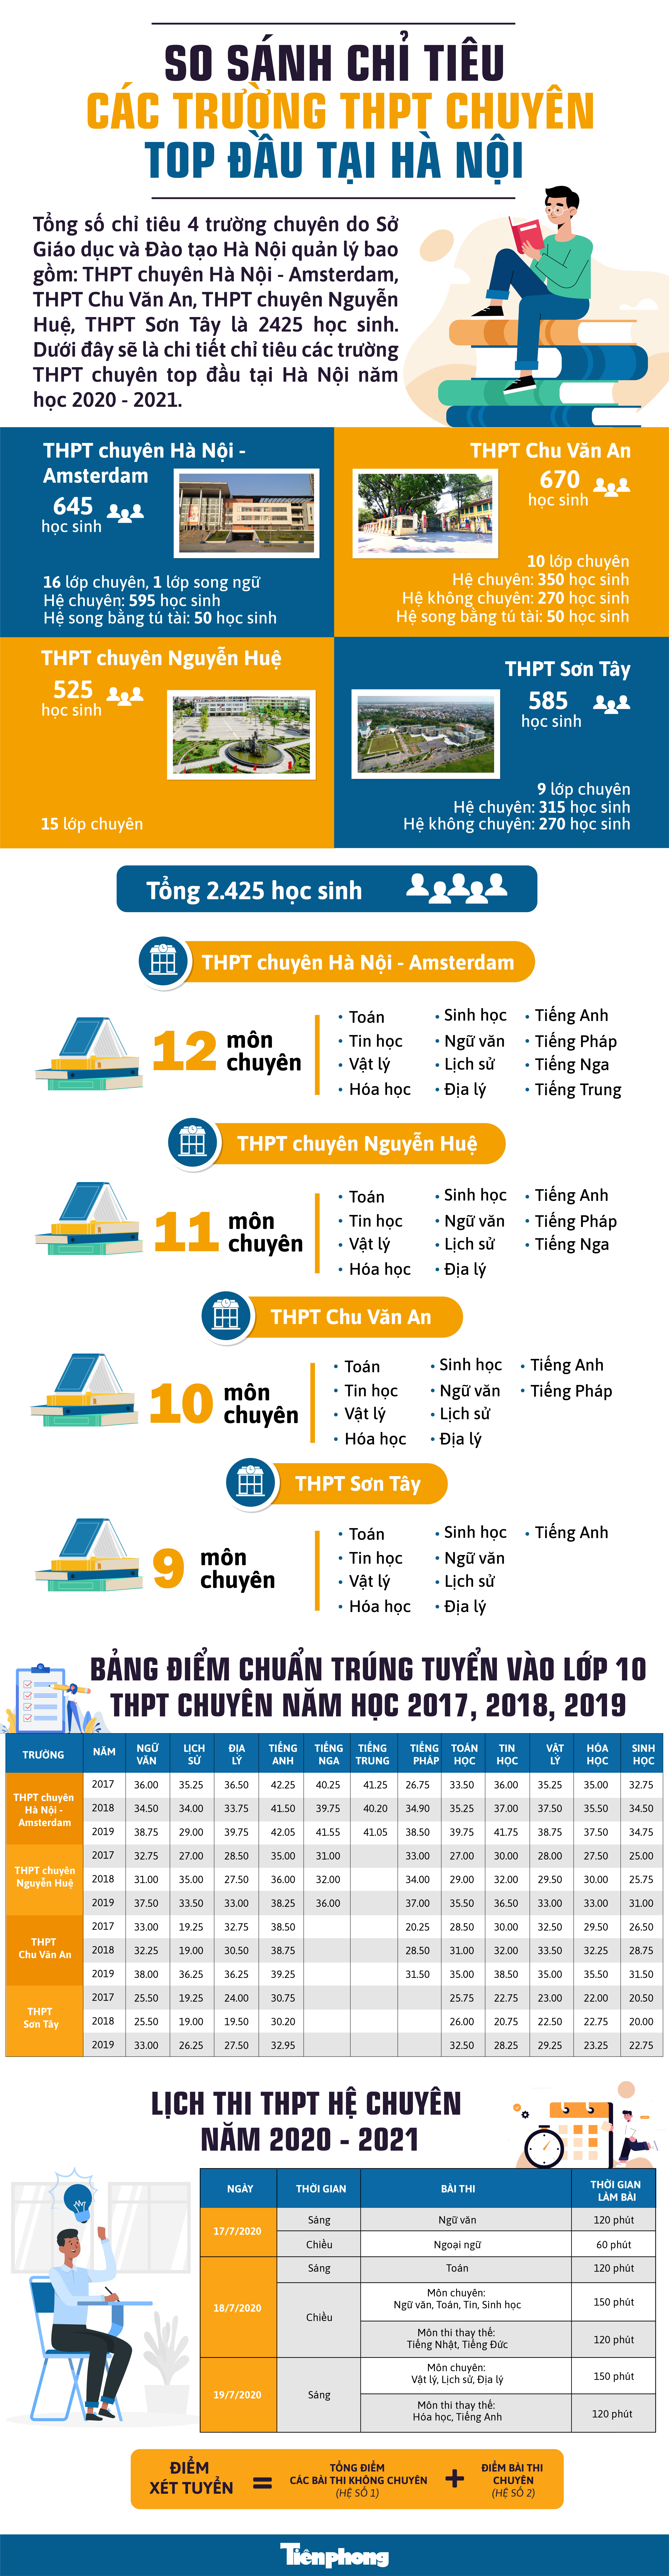 So sánh chỉ tiêu các trường THPT chuyên top đầu tại Hà Nội: Ai đứng tên trên bảng vàng? ảnh 1